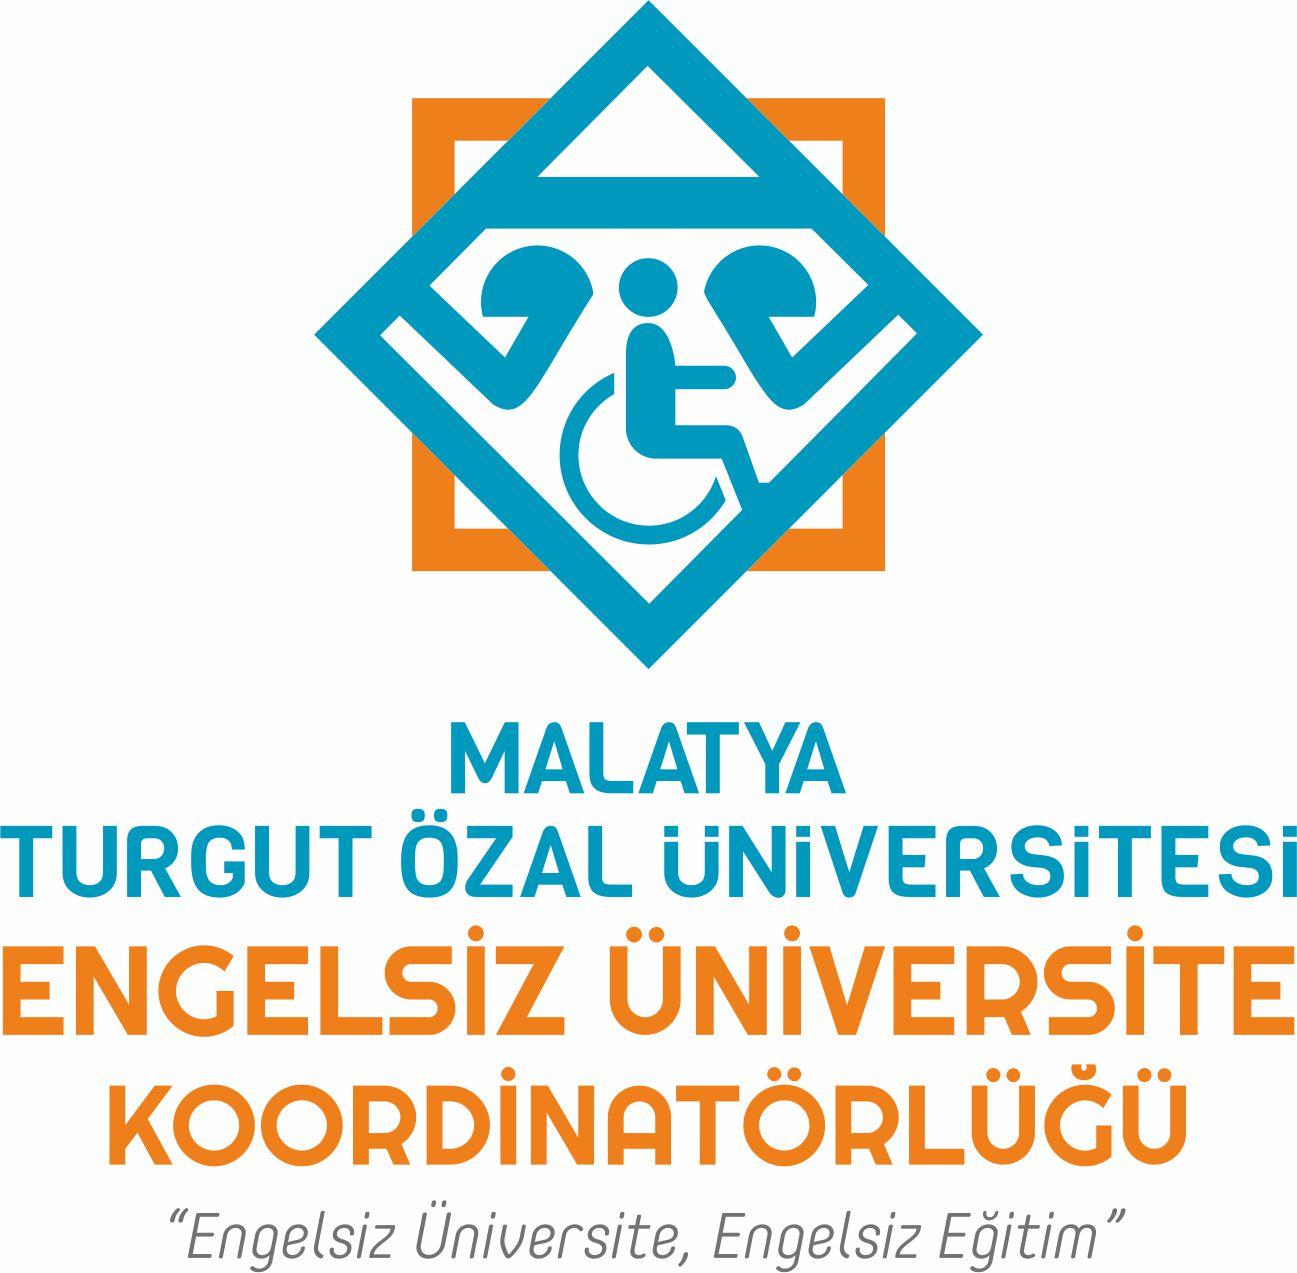 Engelsiz Üniversite Koordinatörlüğü